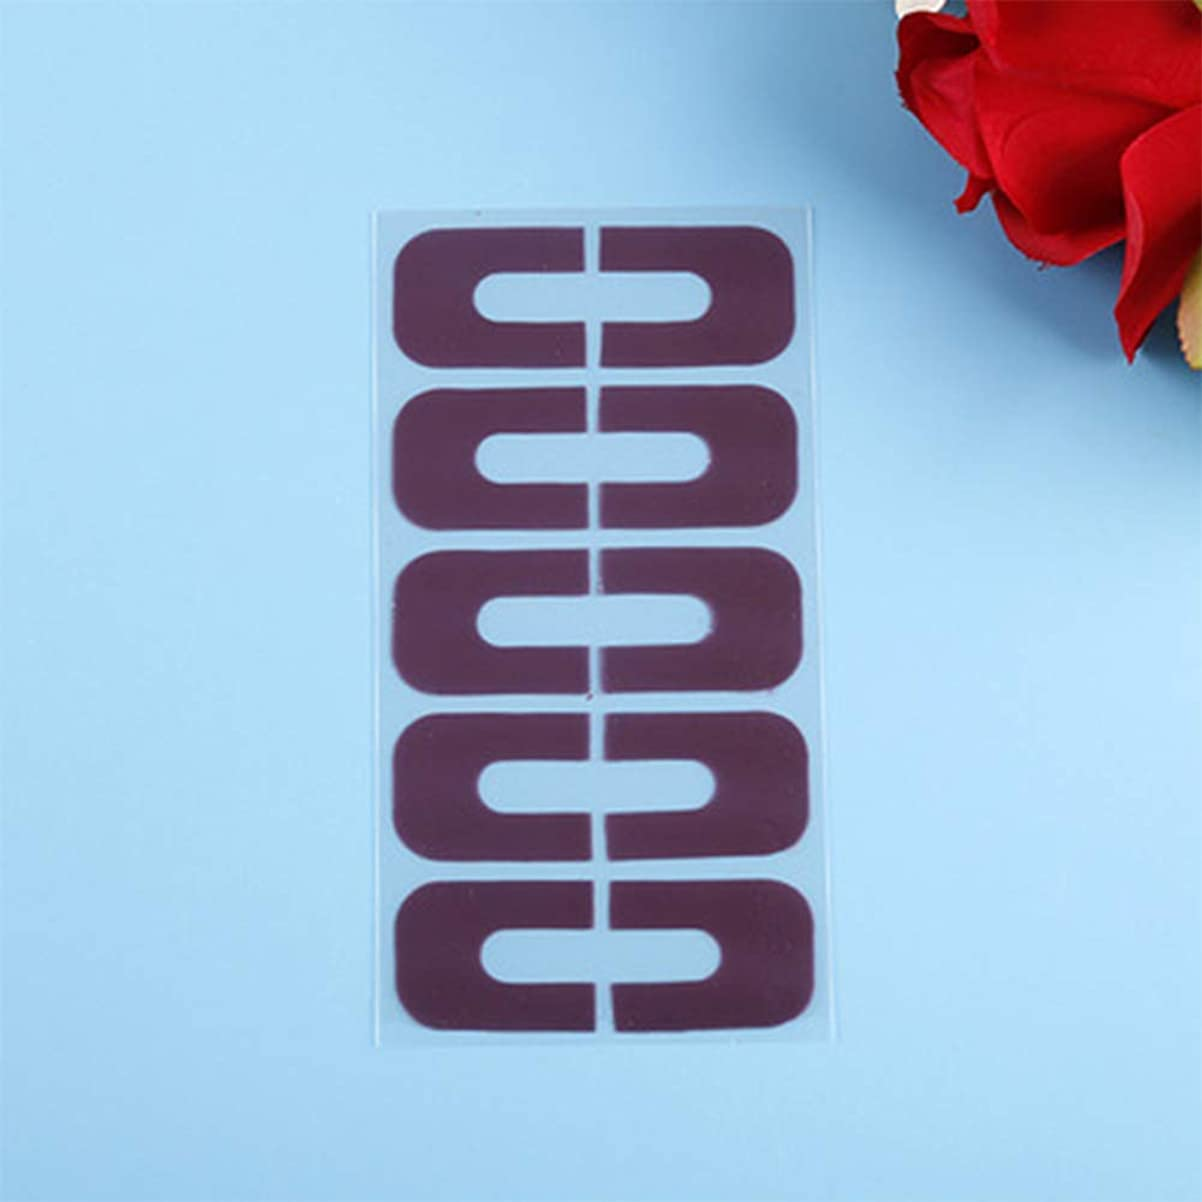 終わりわざわざ分配しますMurakush マニキュアツール 10ピース U字型 実用 マニキュア こぼれる爪 爪保護 ステッカー 抗オーバーフロー指スキンケア DIYツール purple